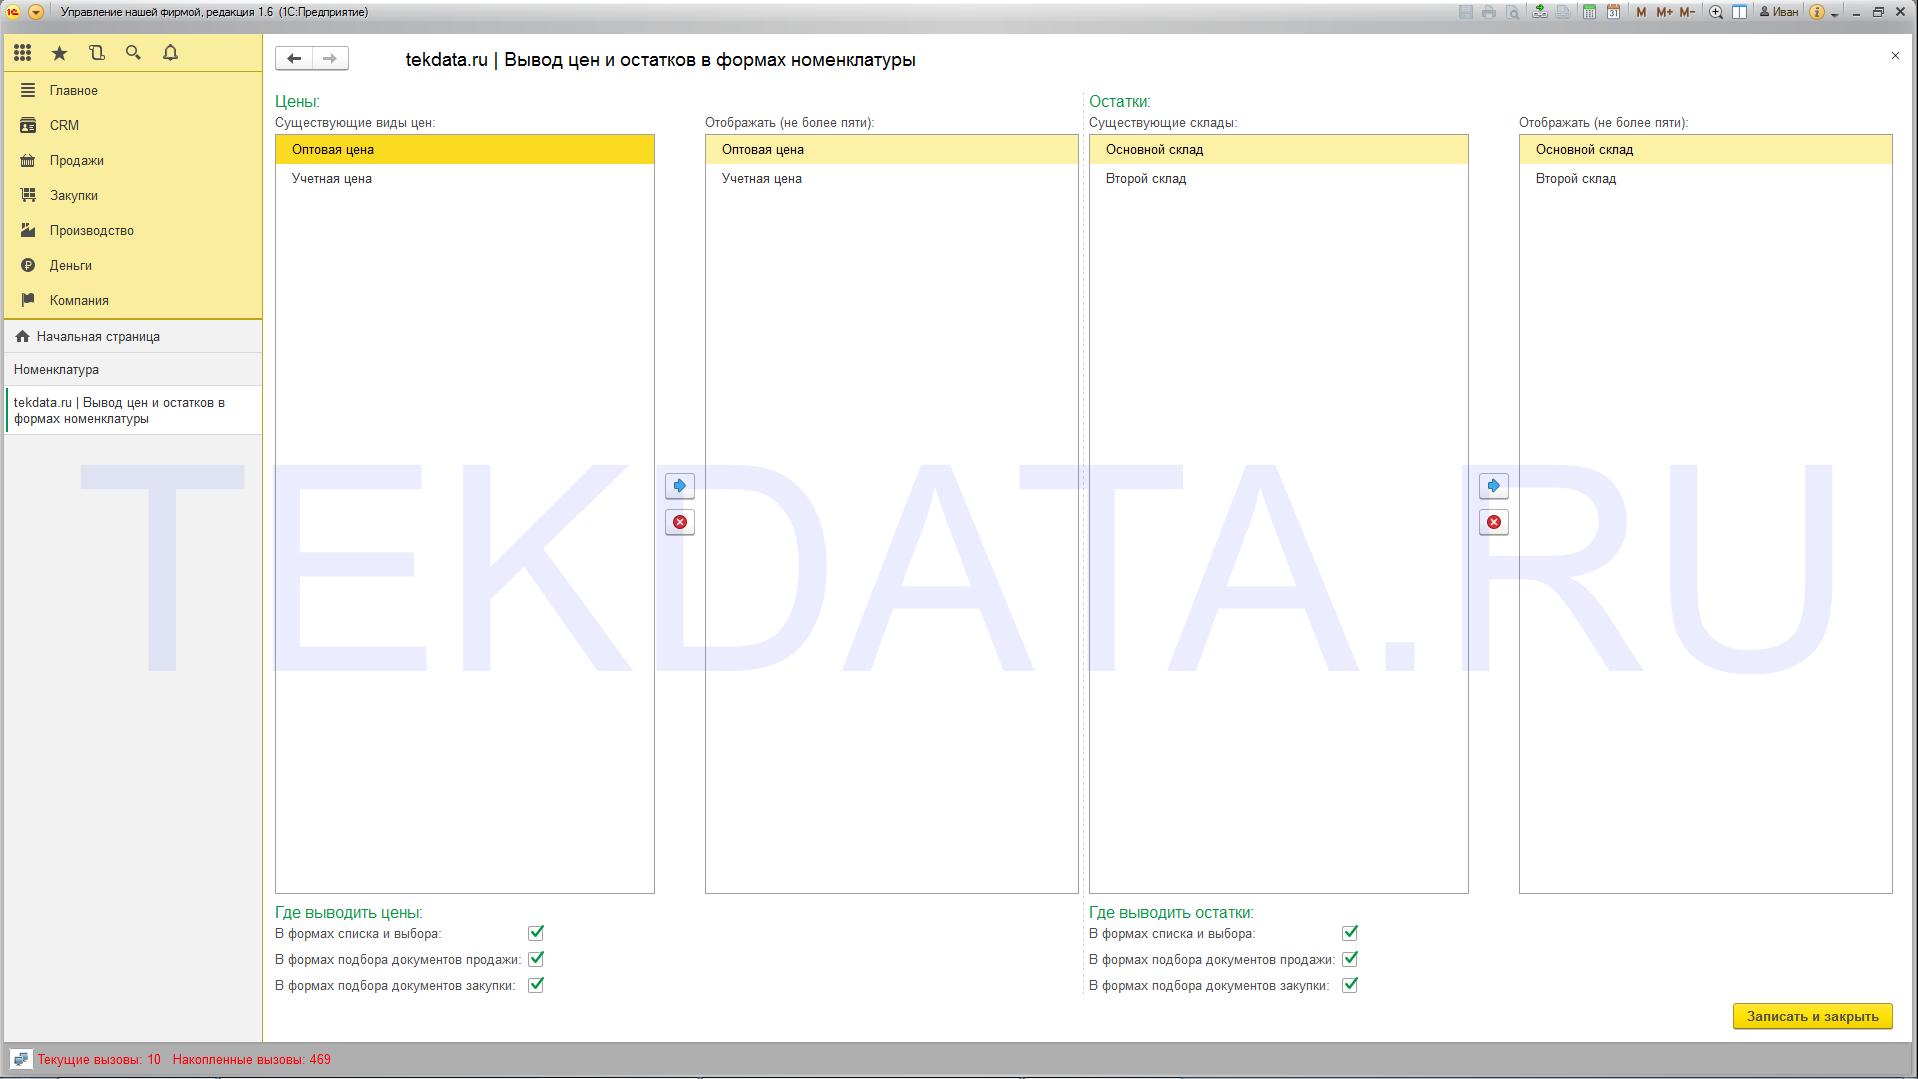 Добавление колонок цен и остатков в формы номенклатуры для 1С:УНФ 1.6 (расширение *.cfe) | tekdata.ru